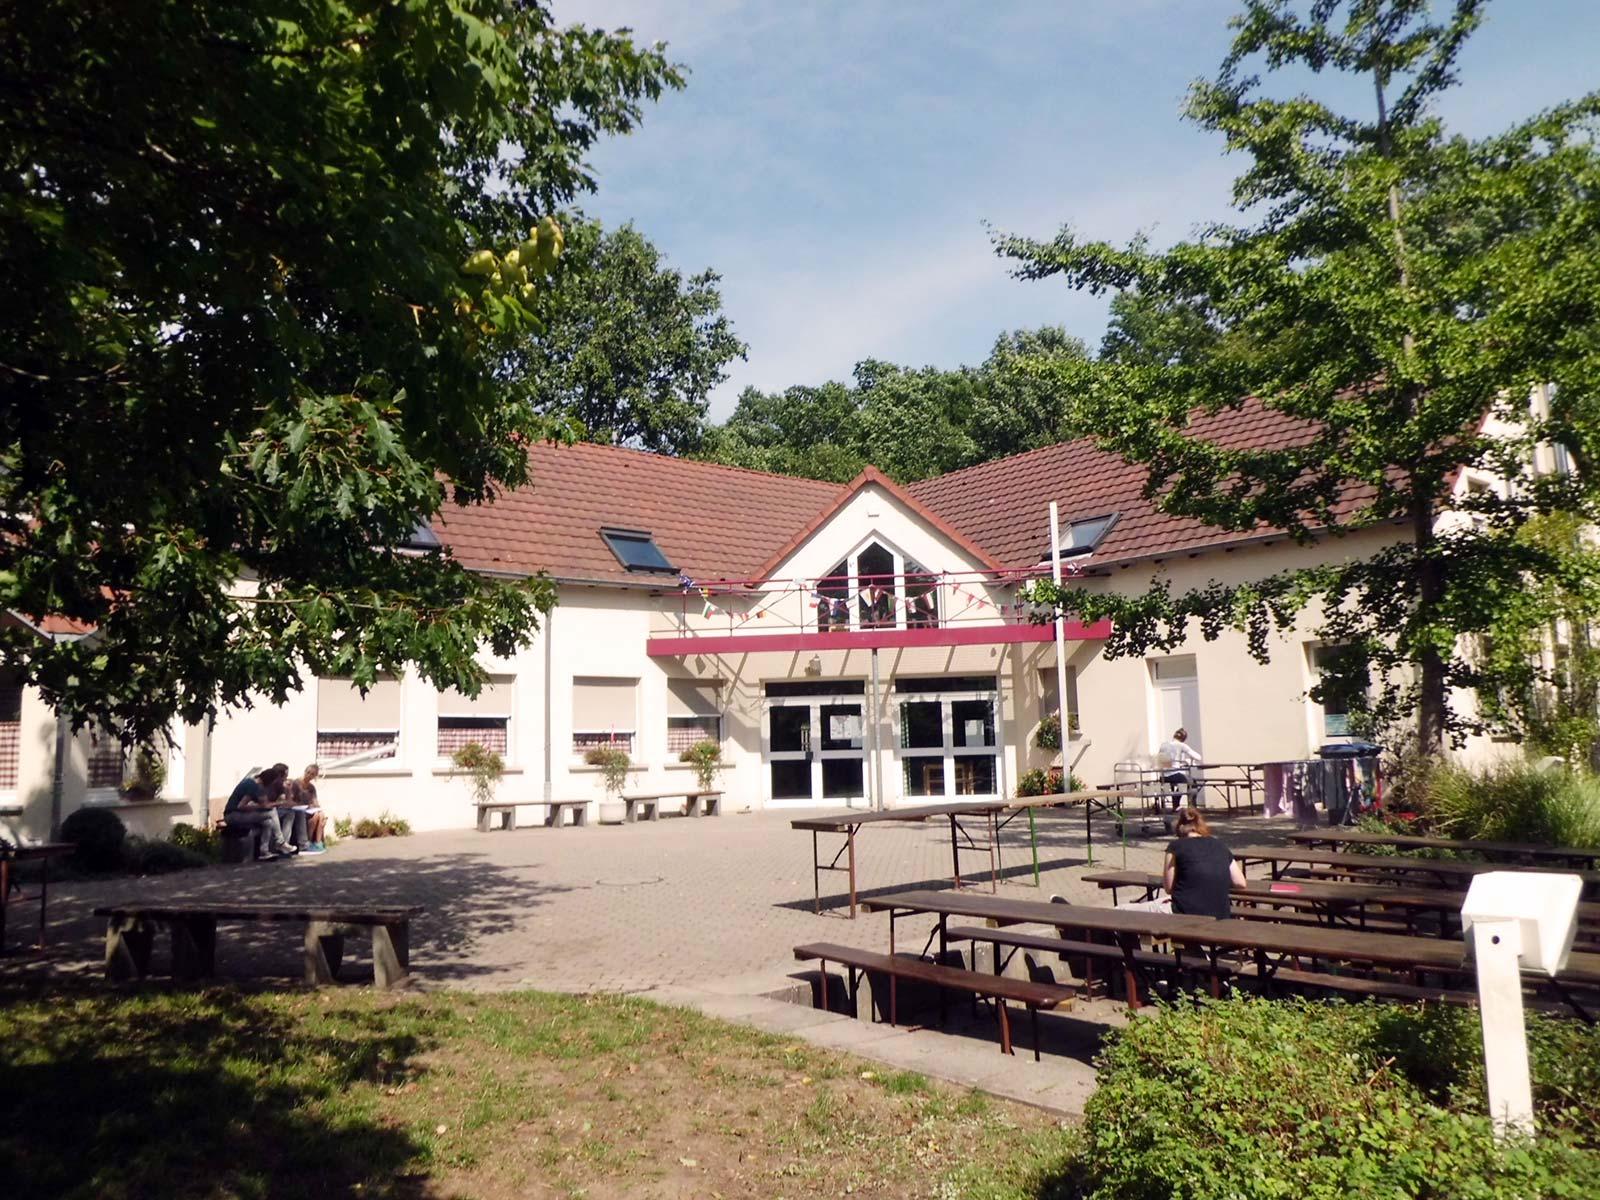 Centre international de rencontre albert schweitzer. La datation.